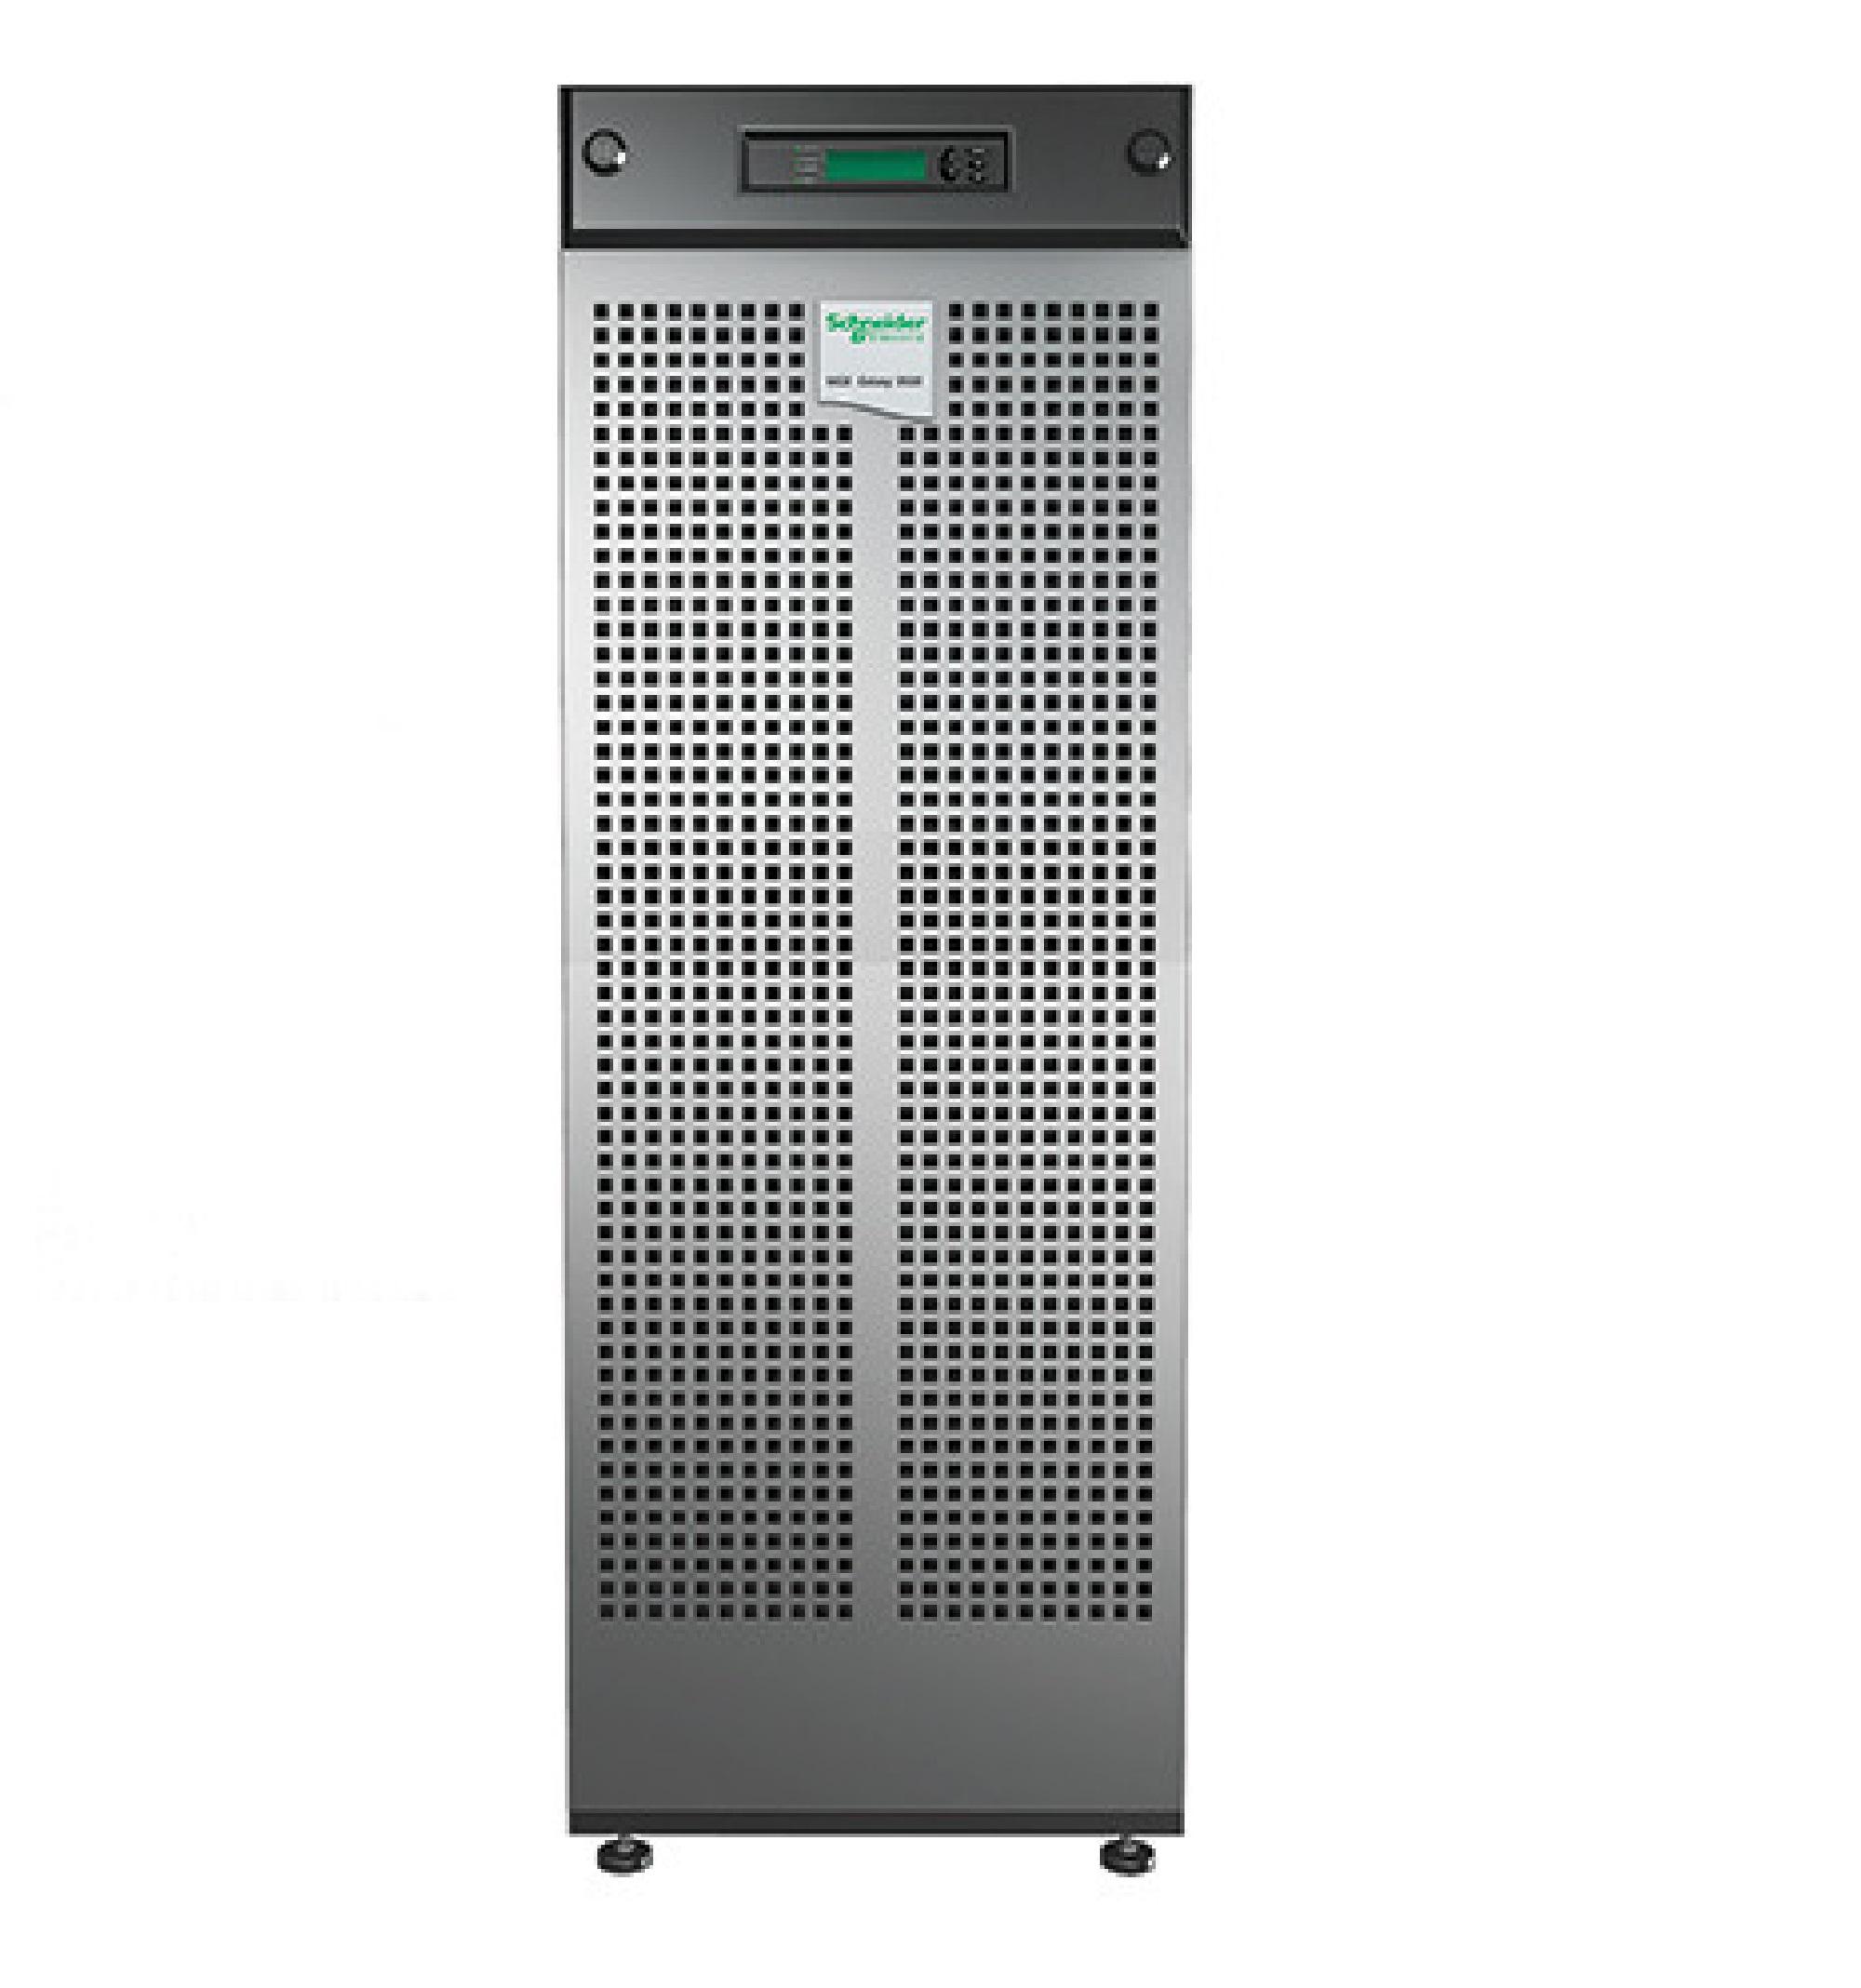 MGE Galaxy 3500, 15 kVA e 208V, com 2 módulos de baterias expansíveis a 4, startup 5x8